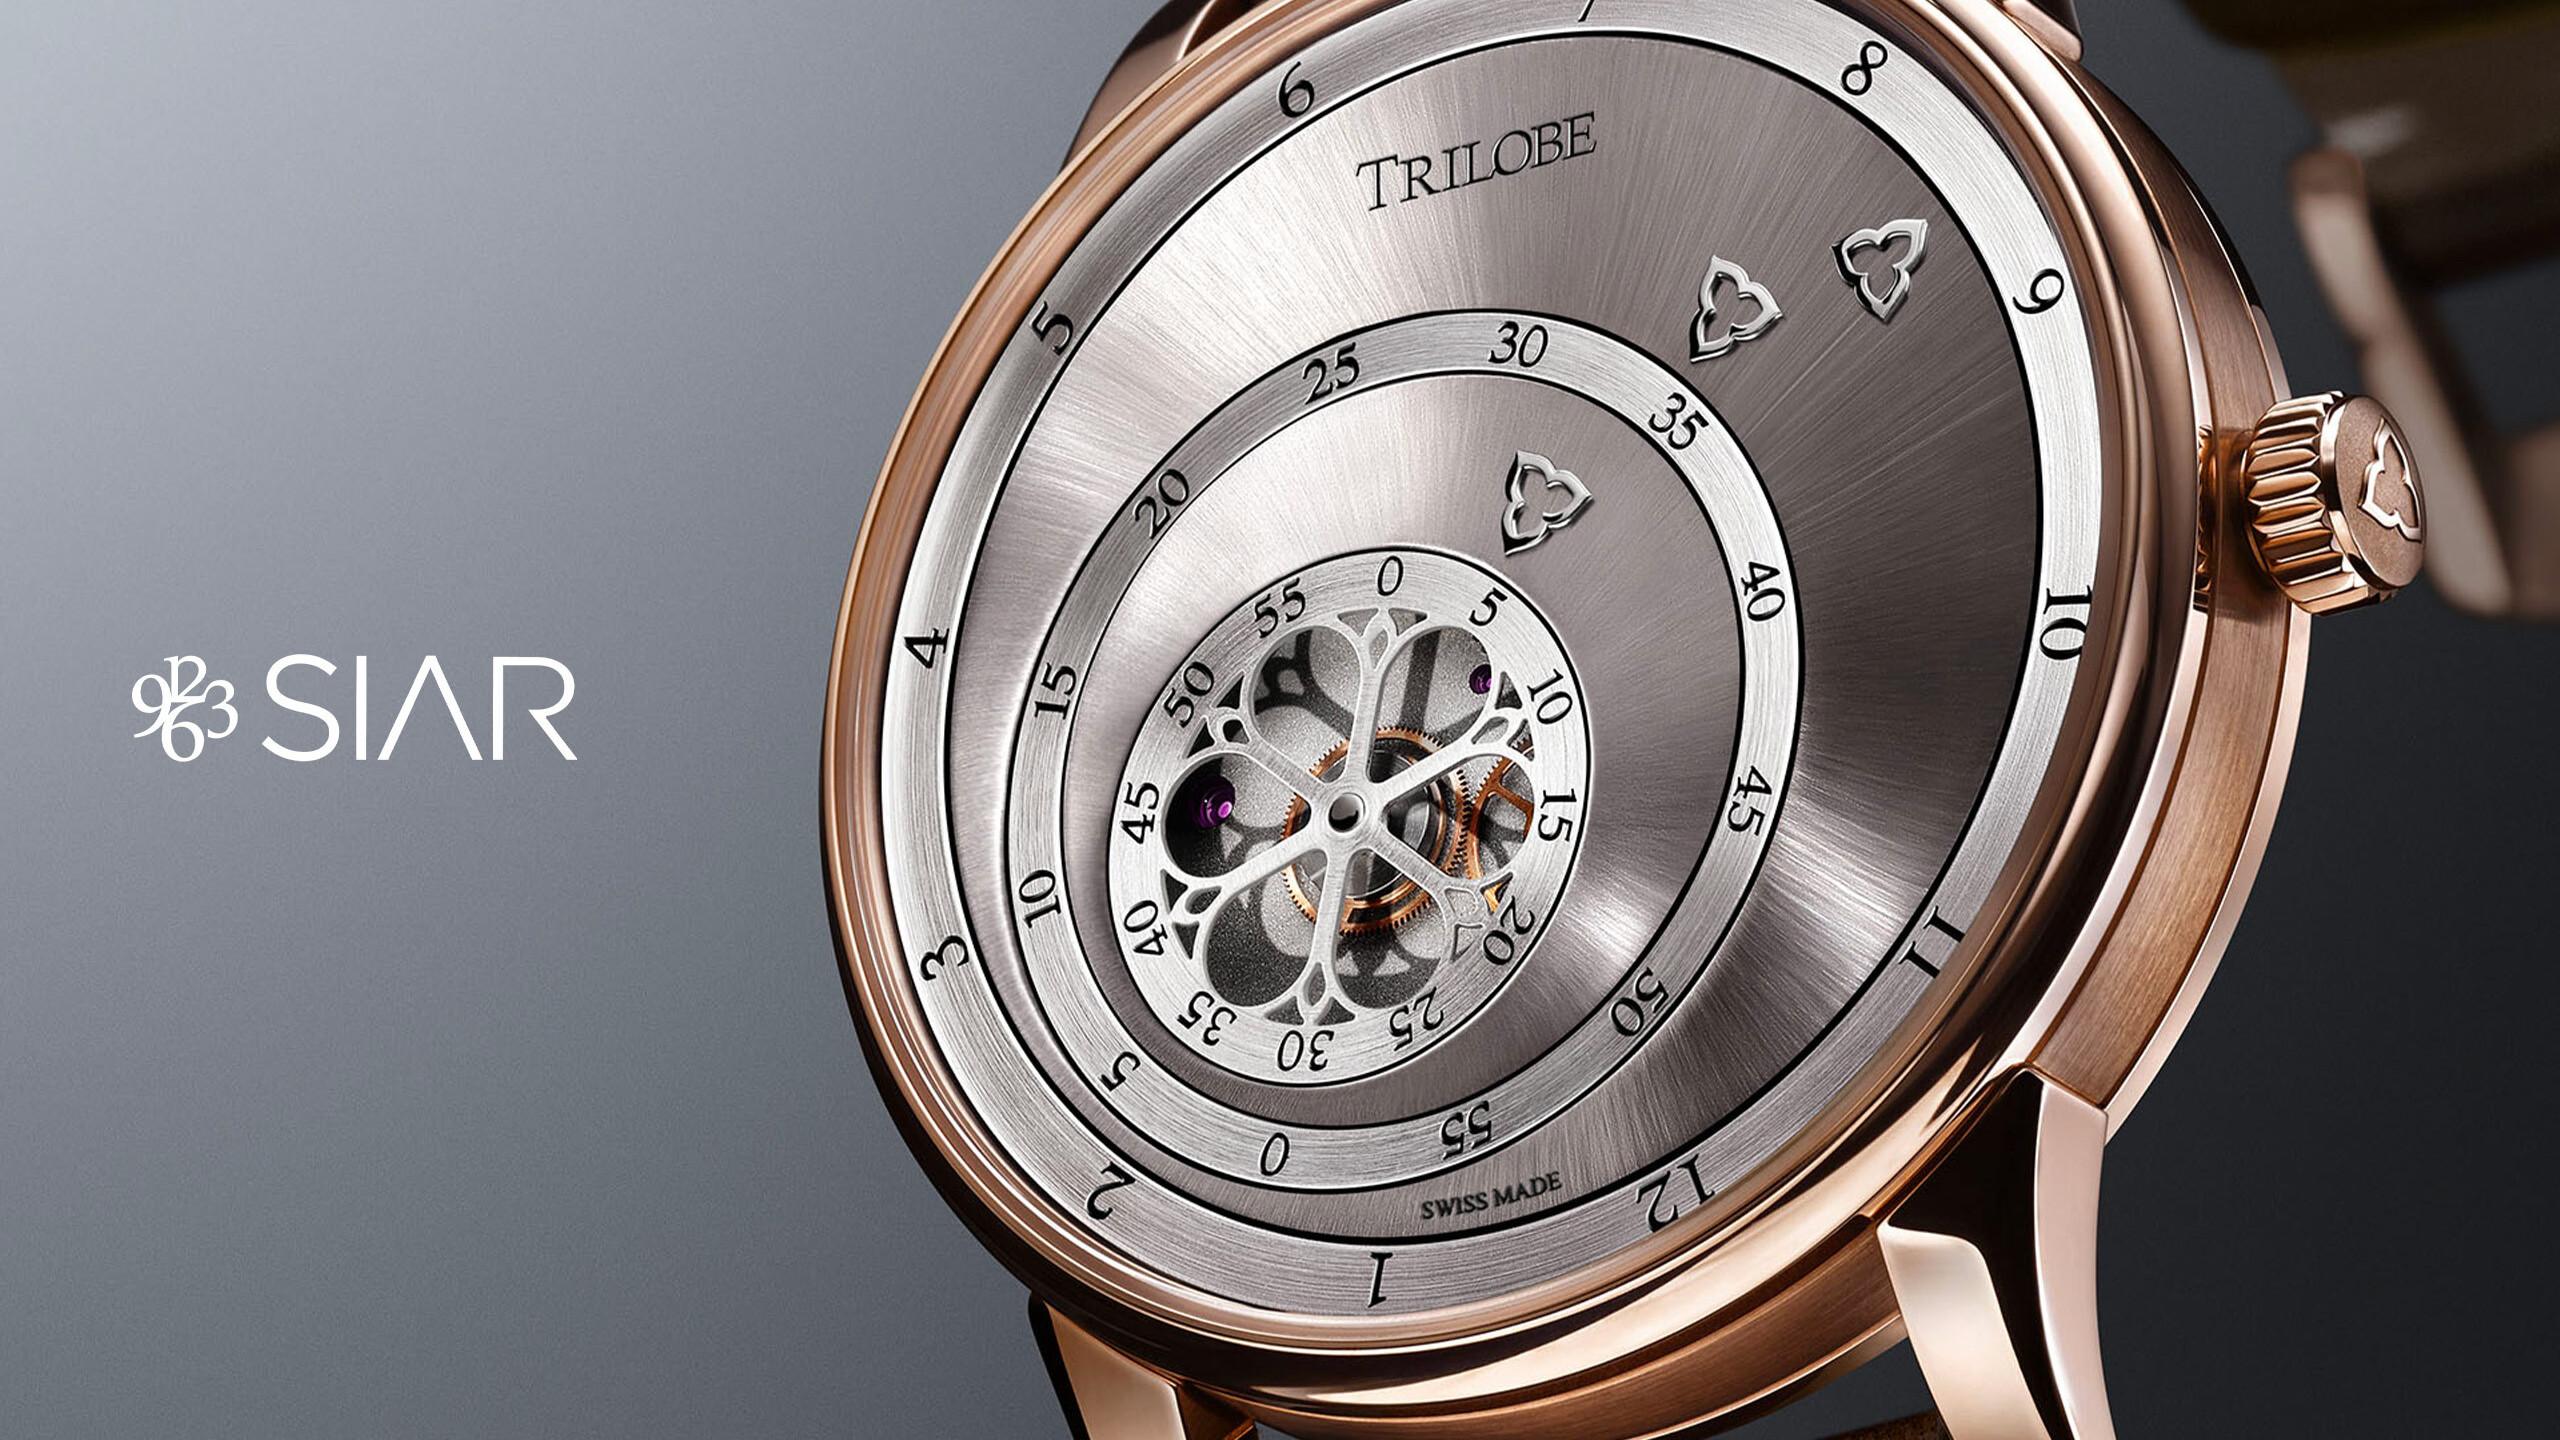 En 2020 la marque de montres de luxe Trilobe a participé au SIAR, le salon mexicain de haute-horlogerie